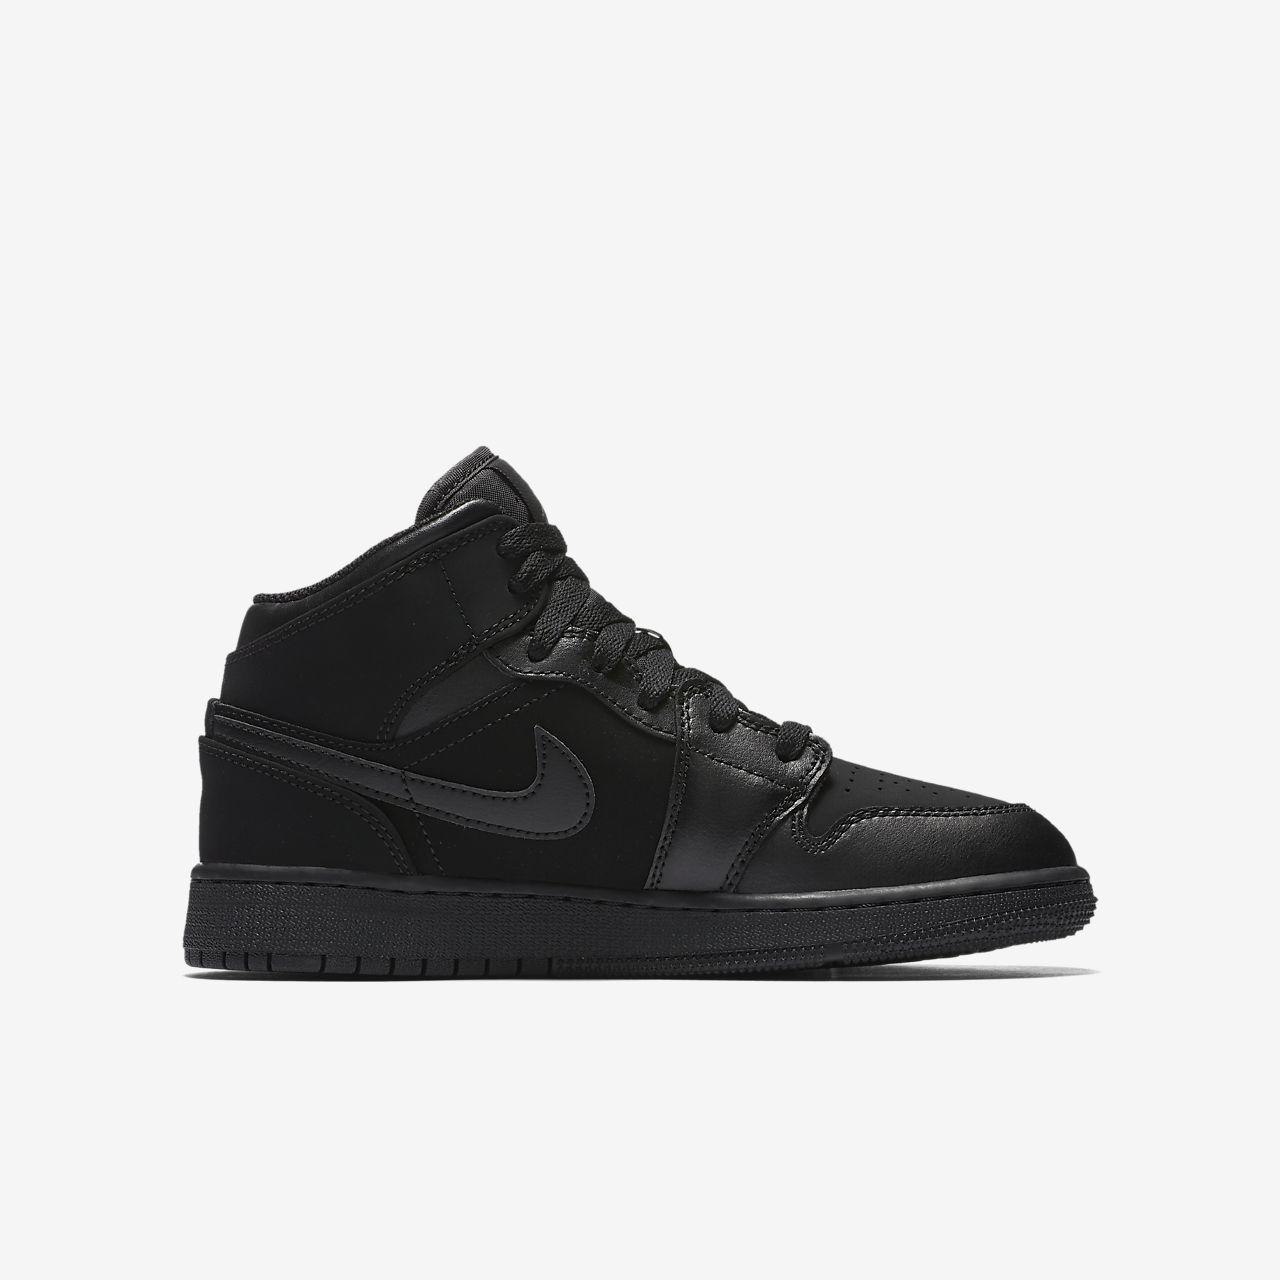 size 40 103dc 01dc2 ... Chaussure Air Jordan 1 Mid pour Enfant plus âgé